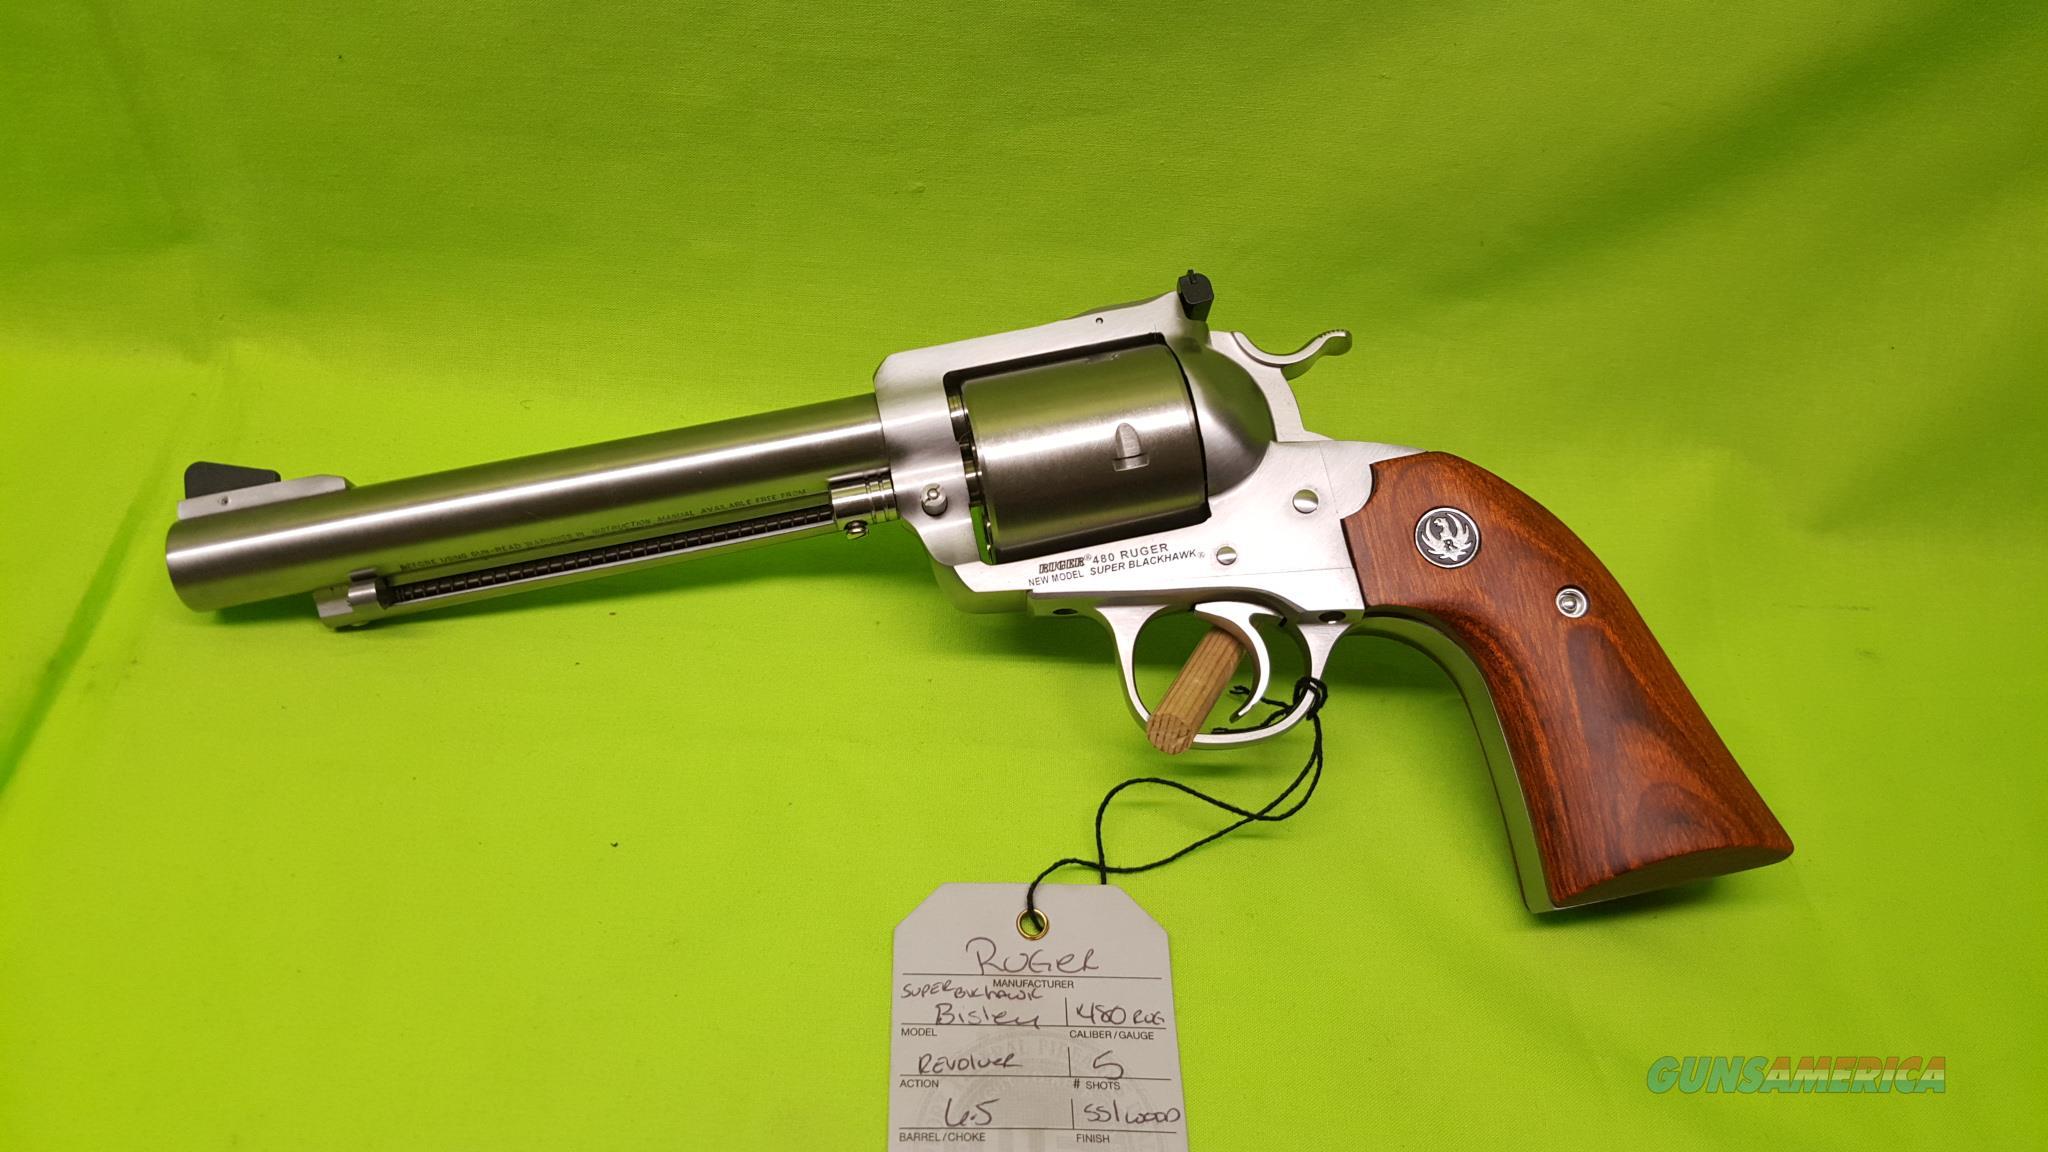 """RUGER BISLEY 480RUGER 480 SS 6.5"""" BLACKHAWK 0870  Guns > Pistols > Ruger Single Action Revolvers > Blackhawk Type"""